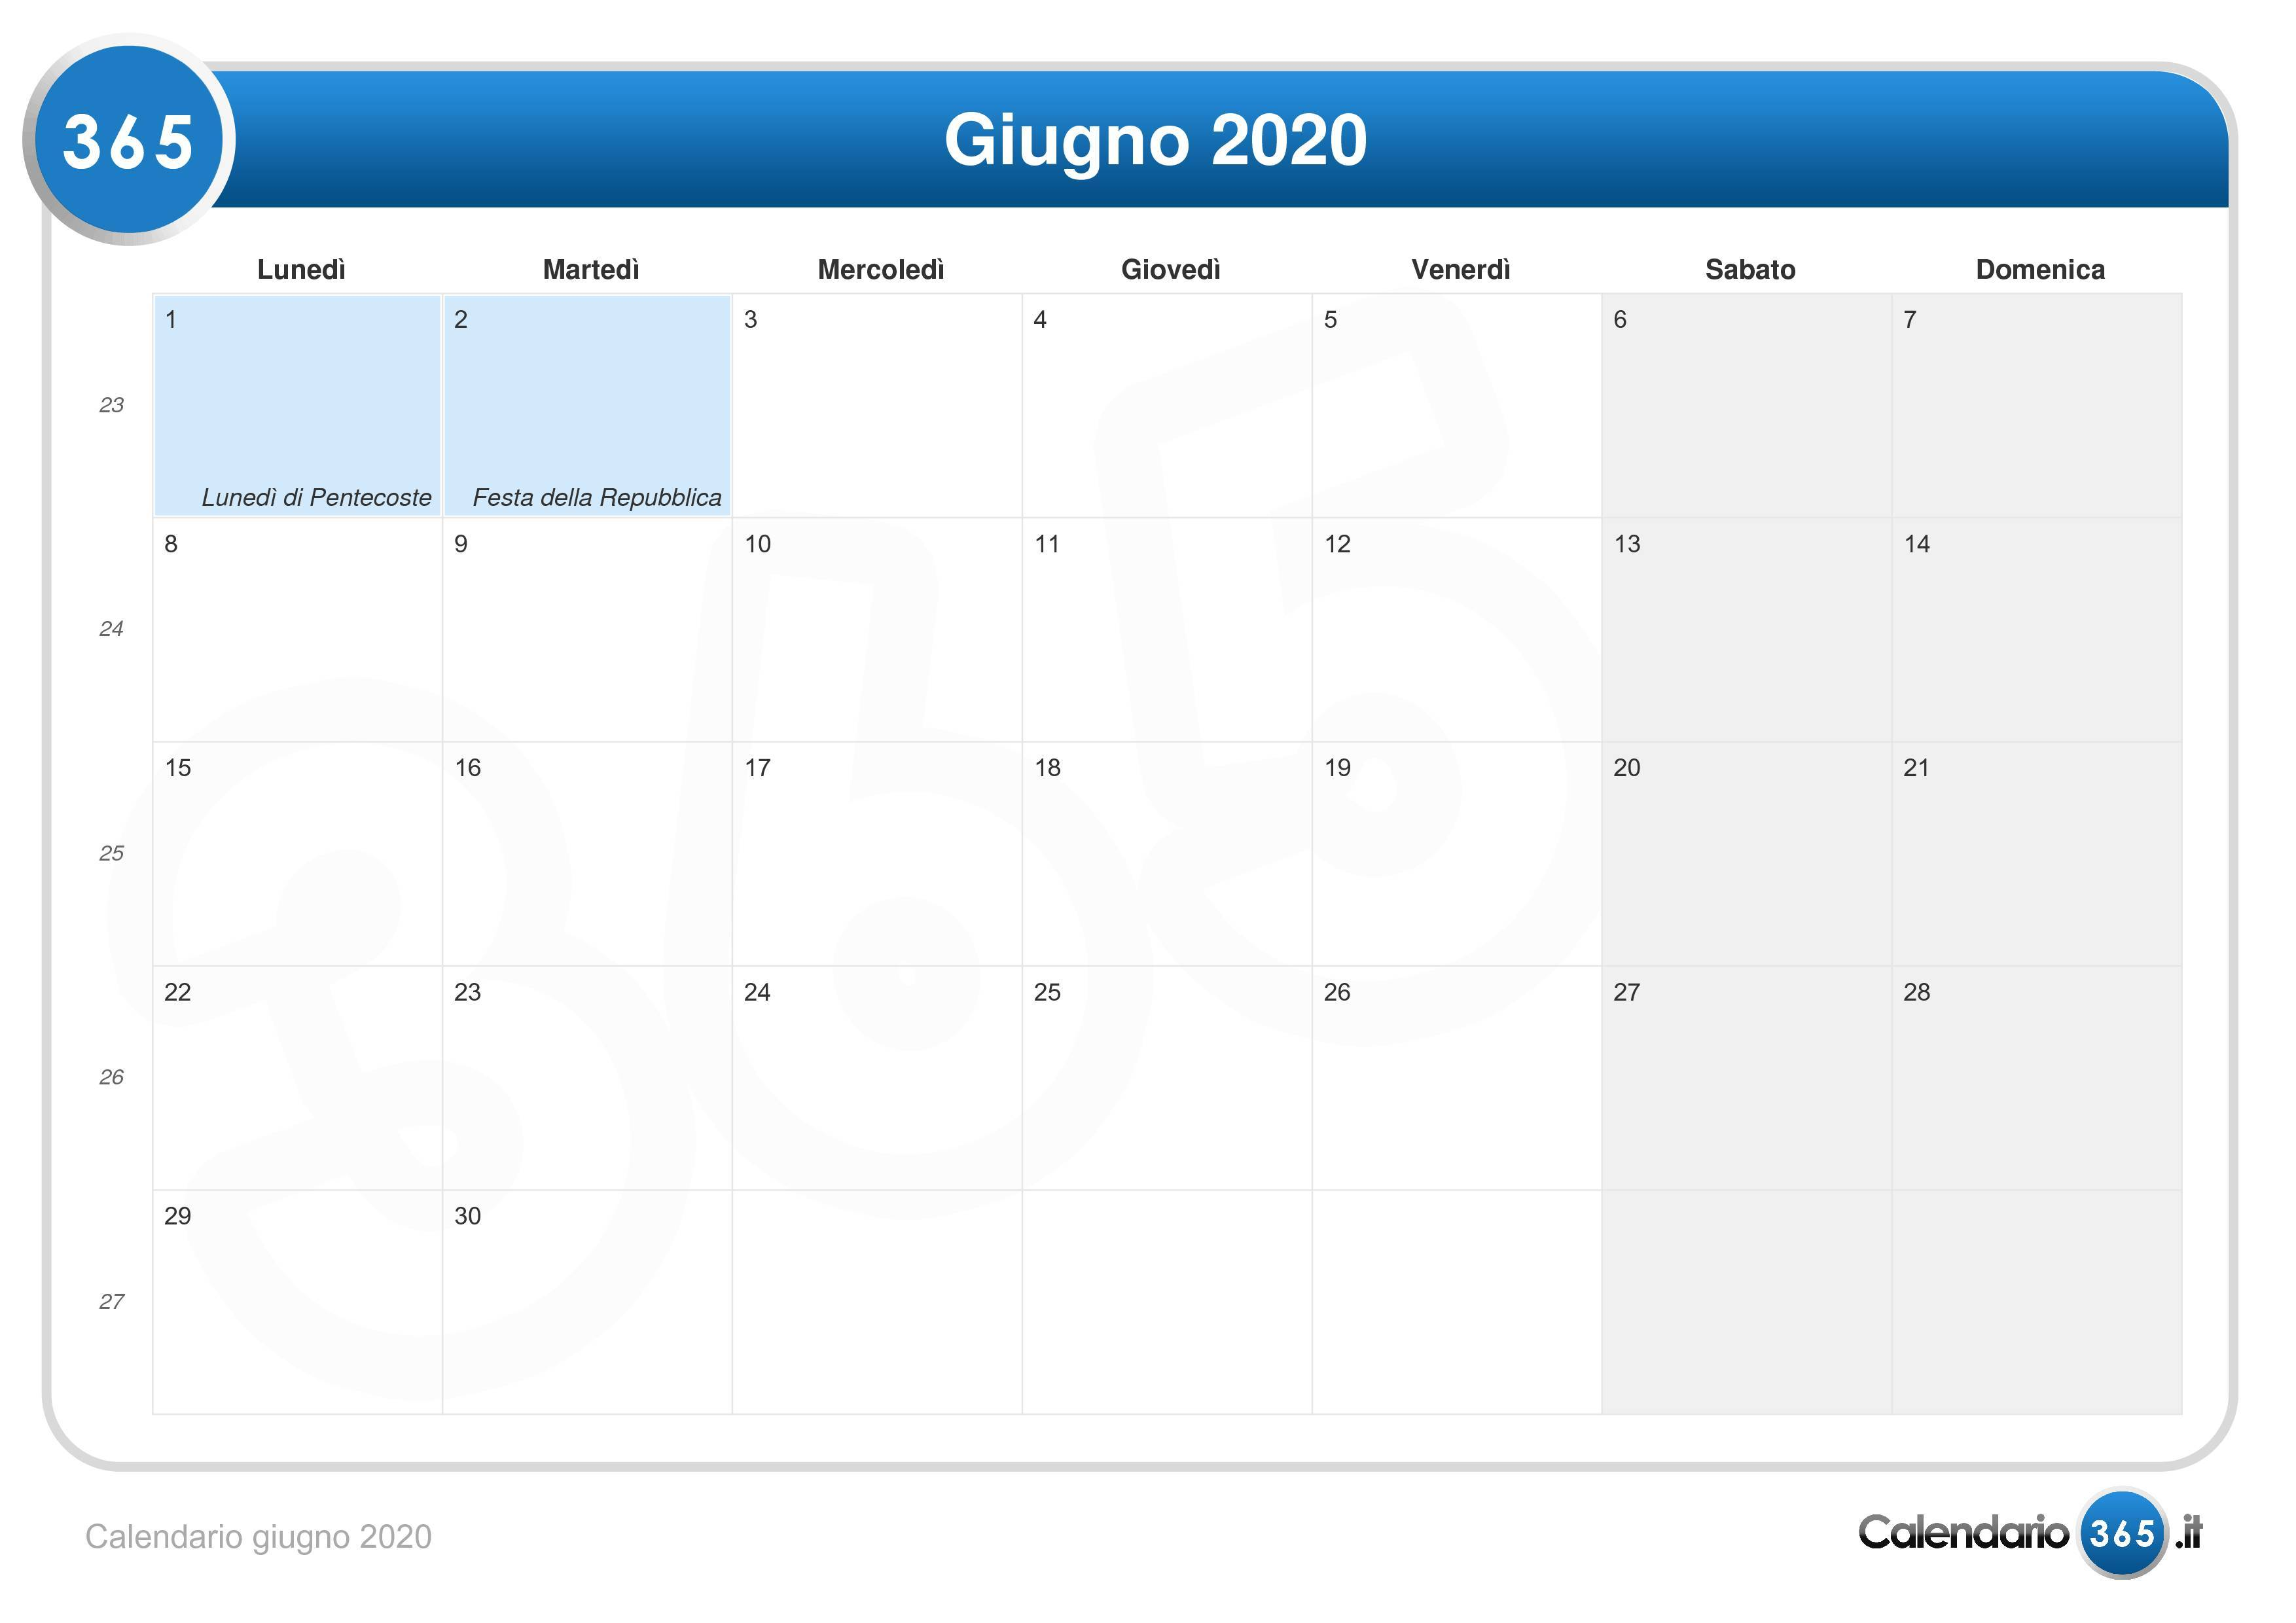 Calendario Da Settembre 2019 A Giugno 2020.Calendario Giugno 2020